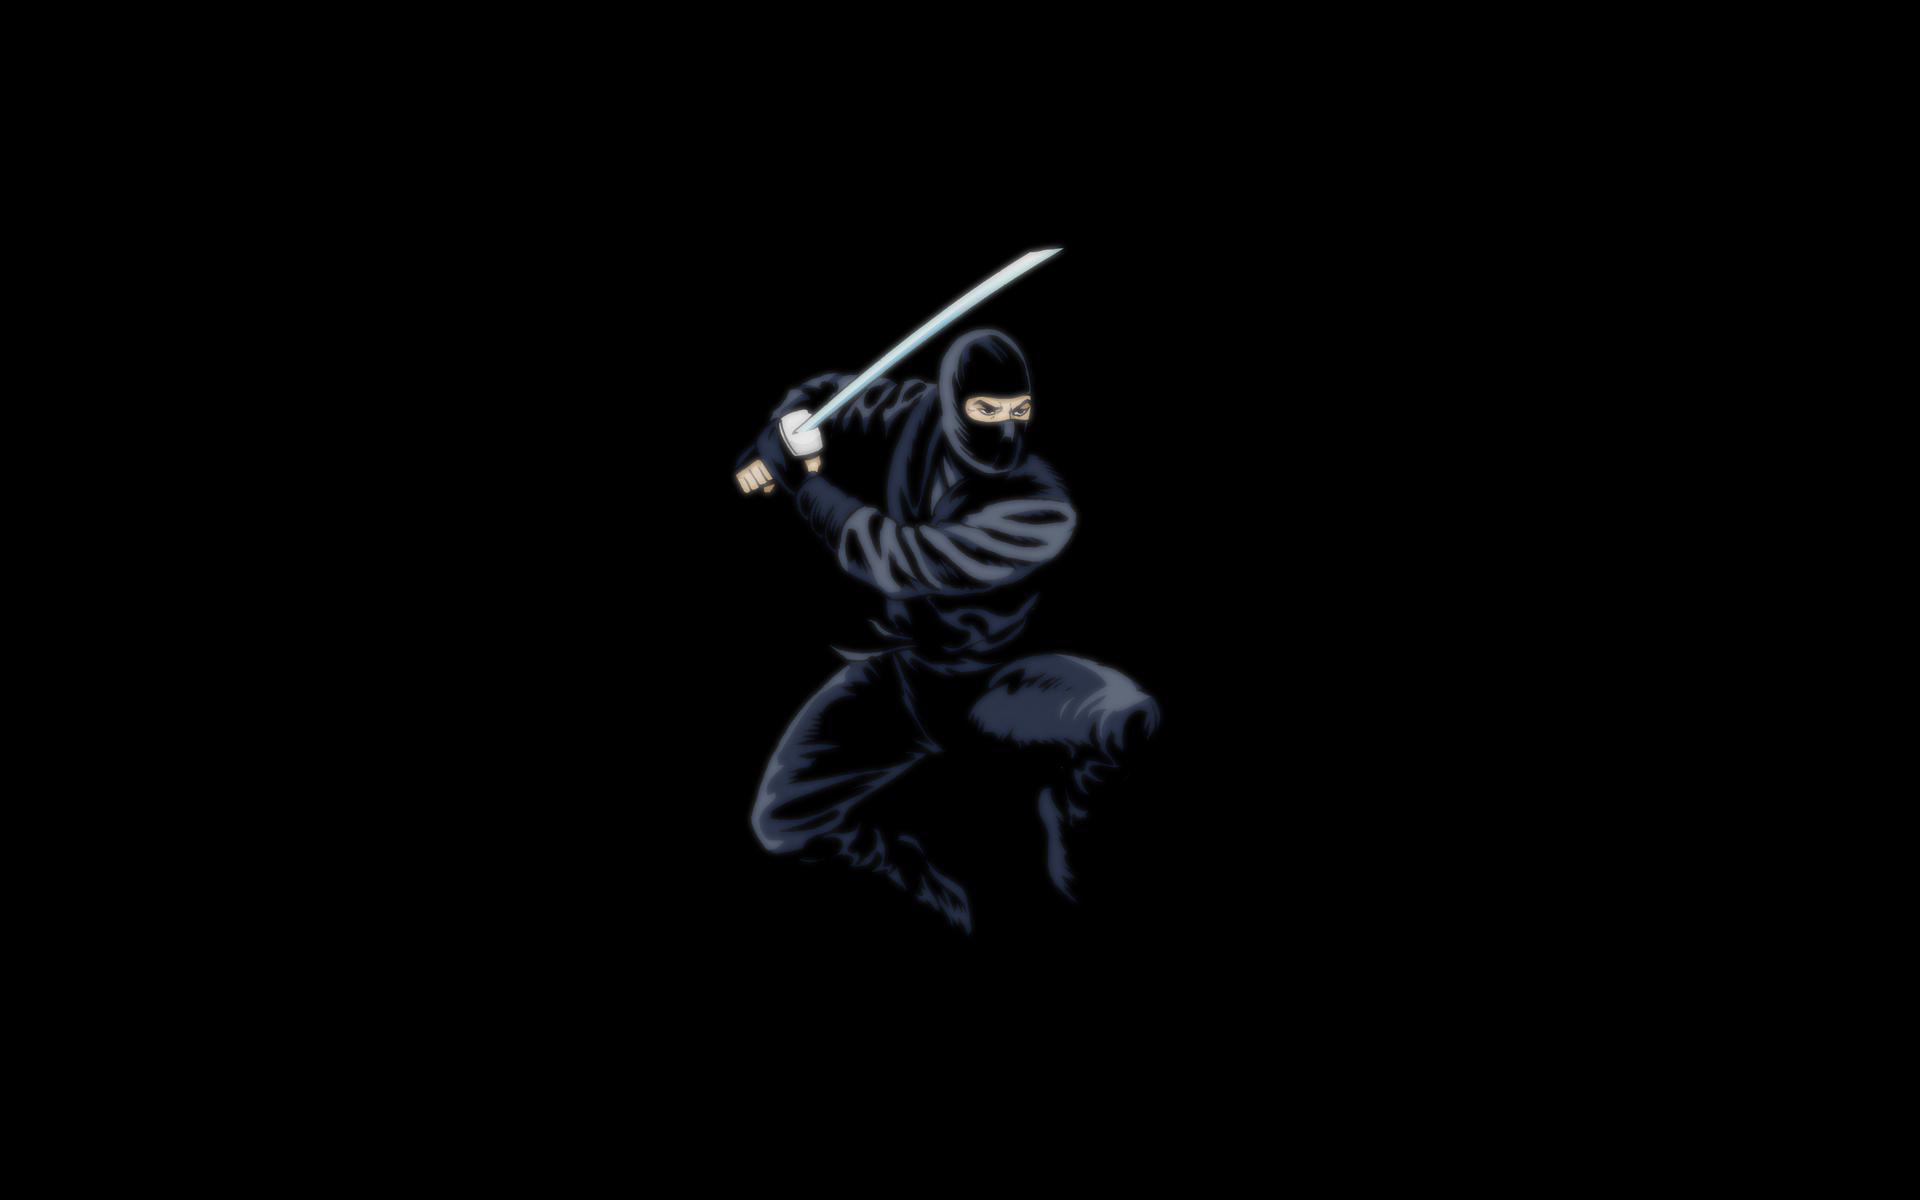 Best 41 Ninja Desktop Backgrounds on HipWallpaper Epic Ninja 1920x1200